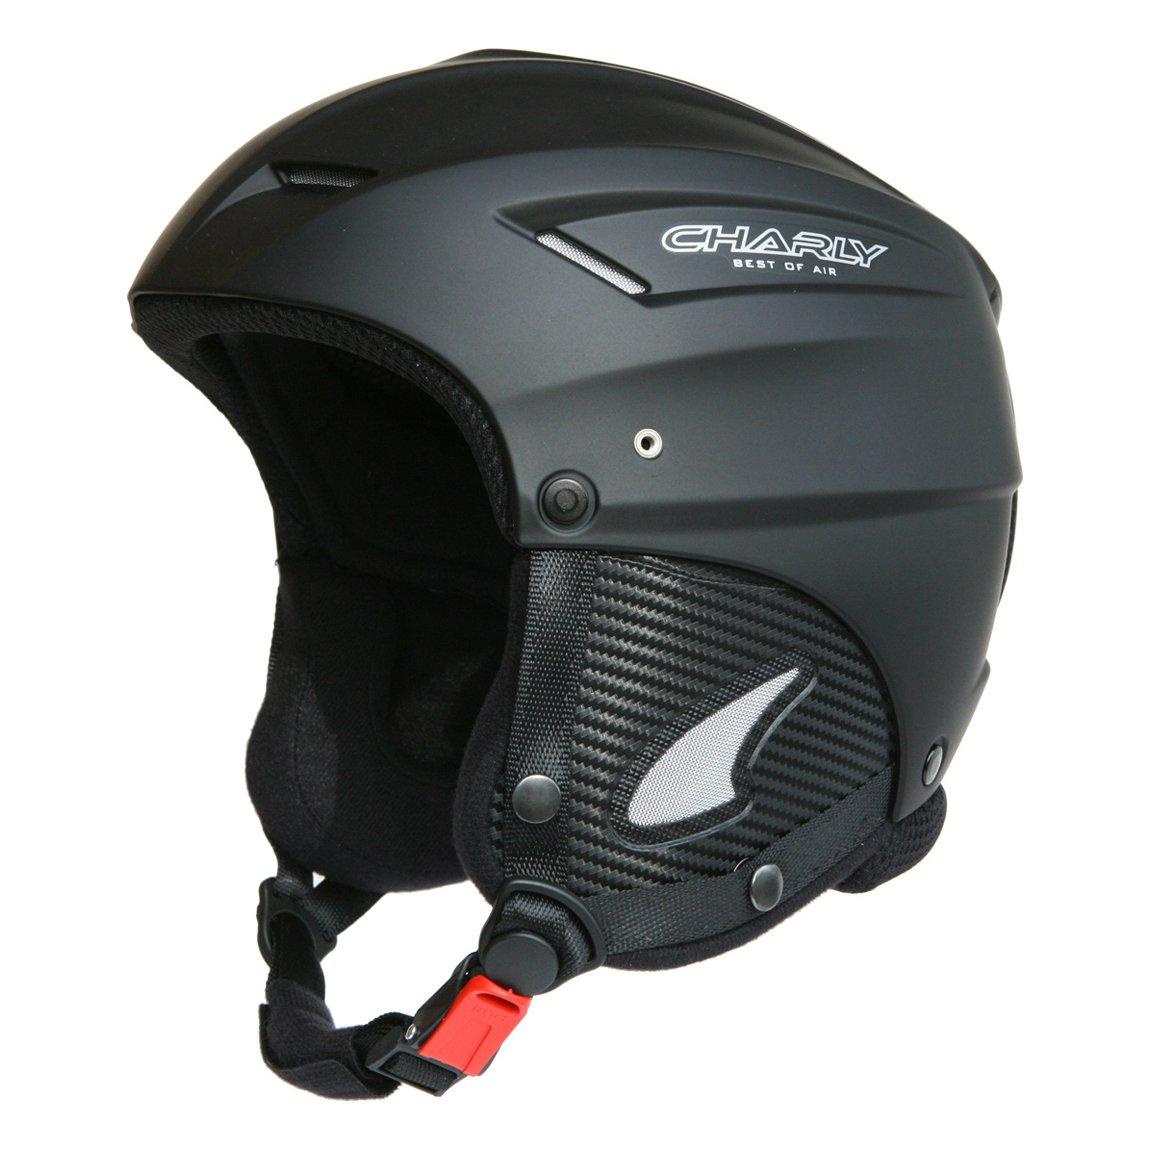 Charly Loop, Gleitschirm- und Skihelm mit Helmschutzbeutel, aufrüstbar mit Visier